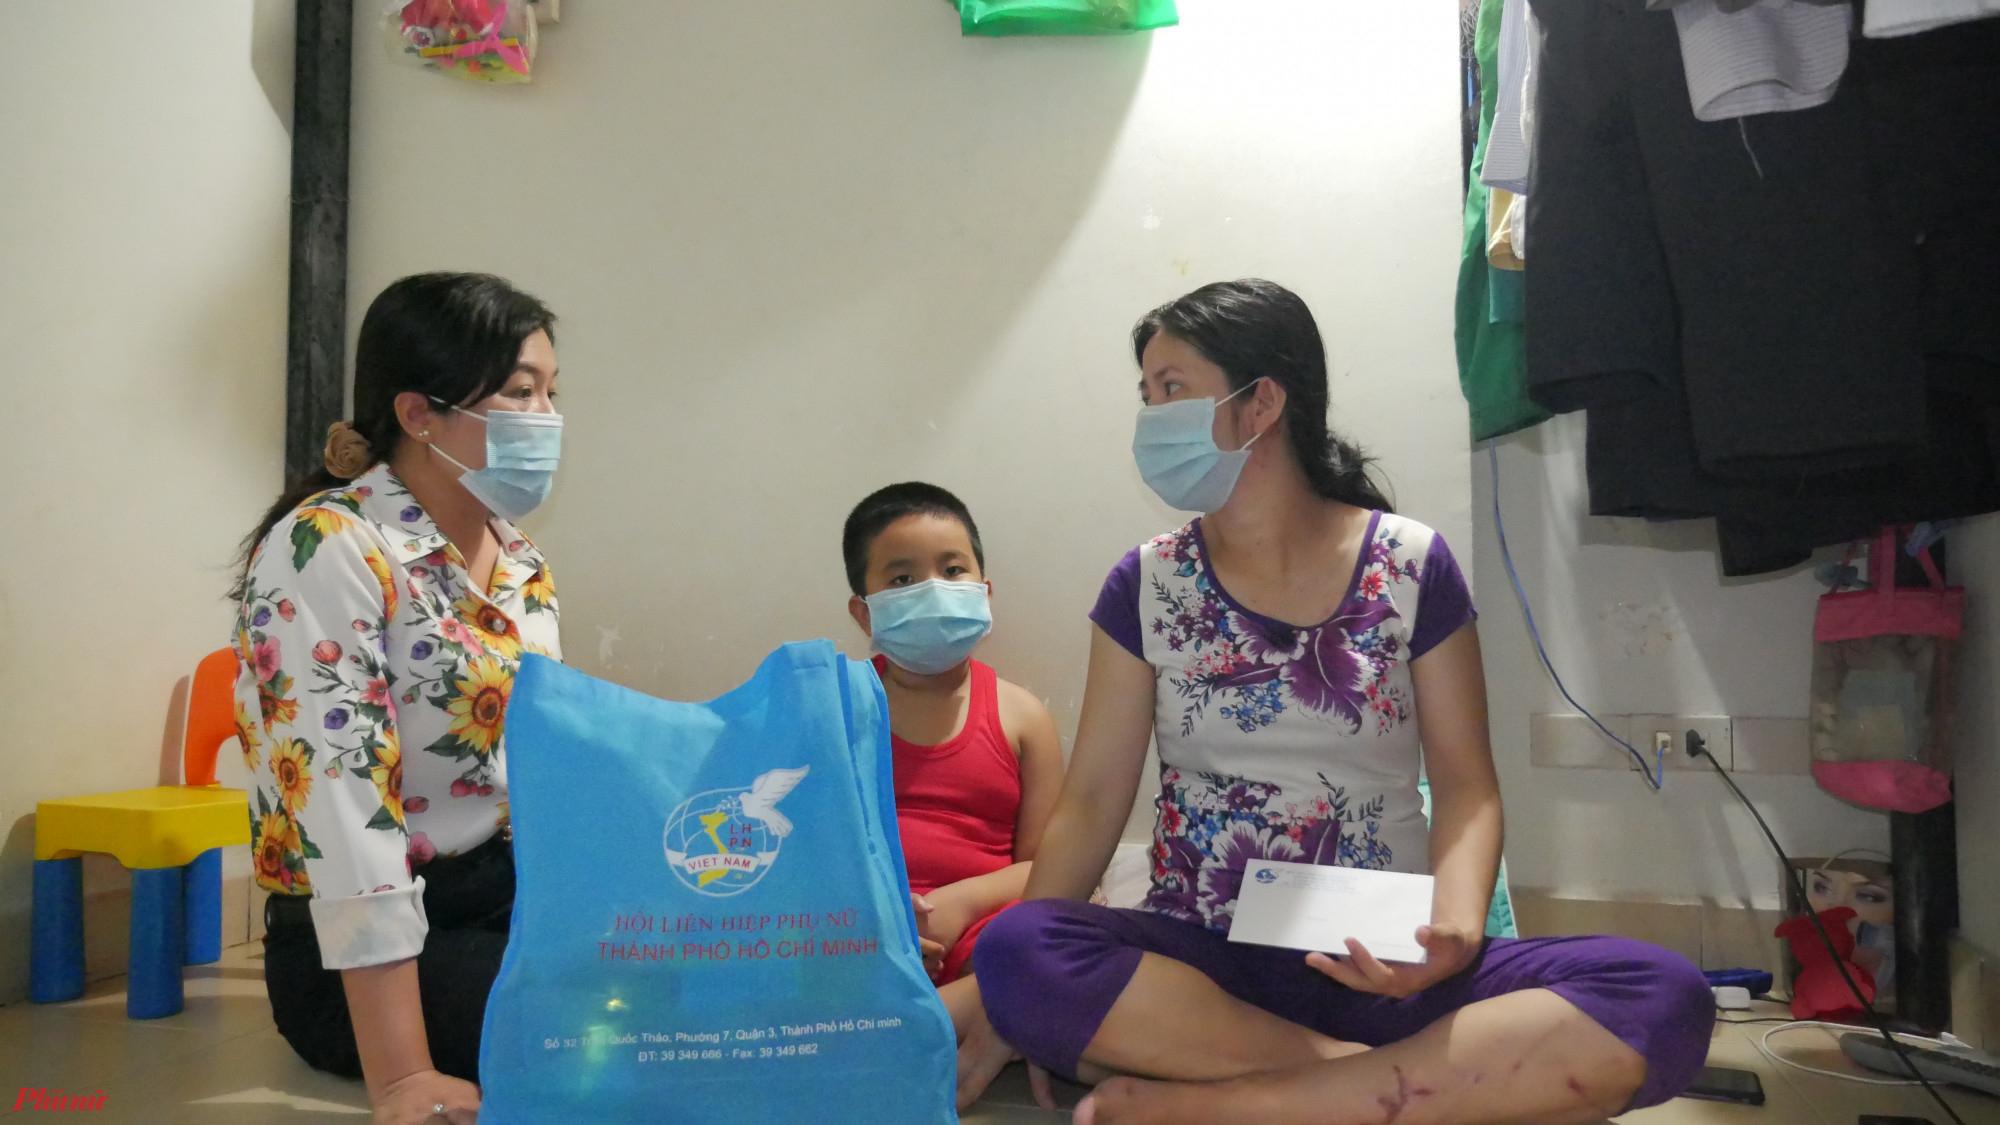 Chị Phượng Trân đến thăm chị hai mẹ con chị yến tại phòng trọ  Khu lưu trú Khu chế xuất Tân Thuận